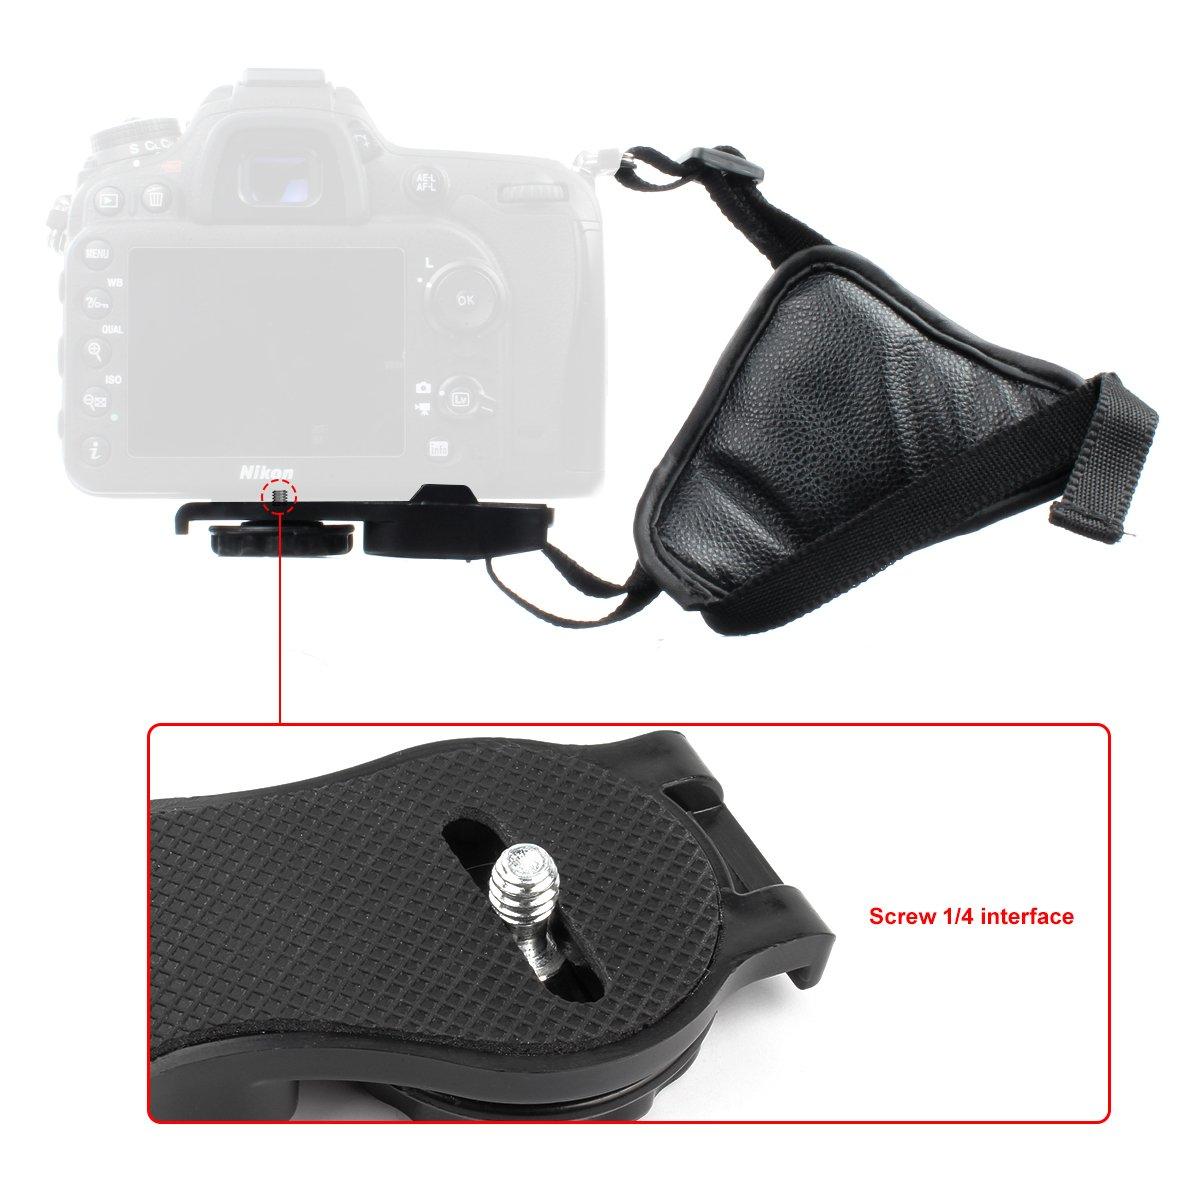 Nero SLR e impugnatura in pelle con treppiede Grip da polso in pelle con cinturino in pelle per fotocamera GES regolabile con imbottitura per fotocamere DSLR